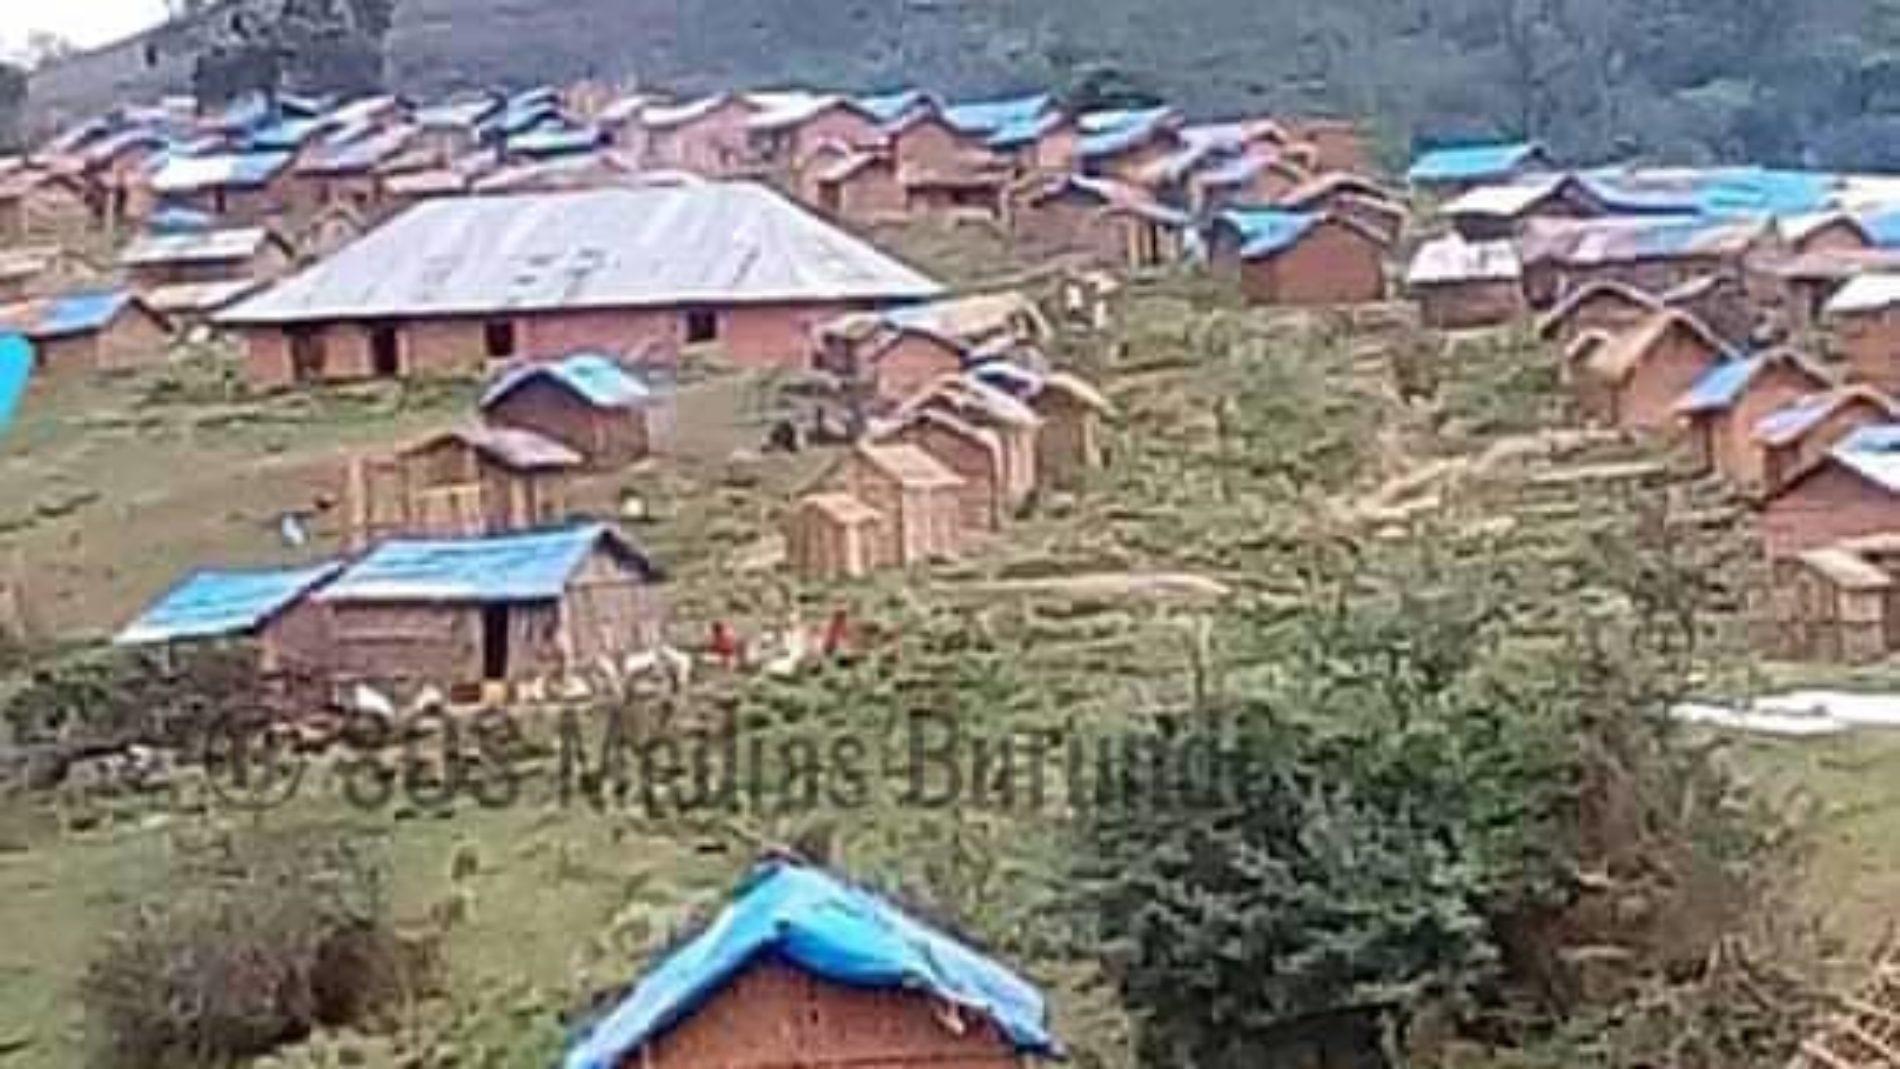 Kamombo-Bijombo (RDC) : l'armée congolaise accusée de collaborer avec des miliciens Maï-Maï